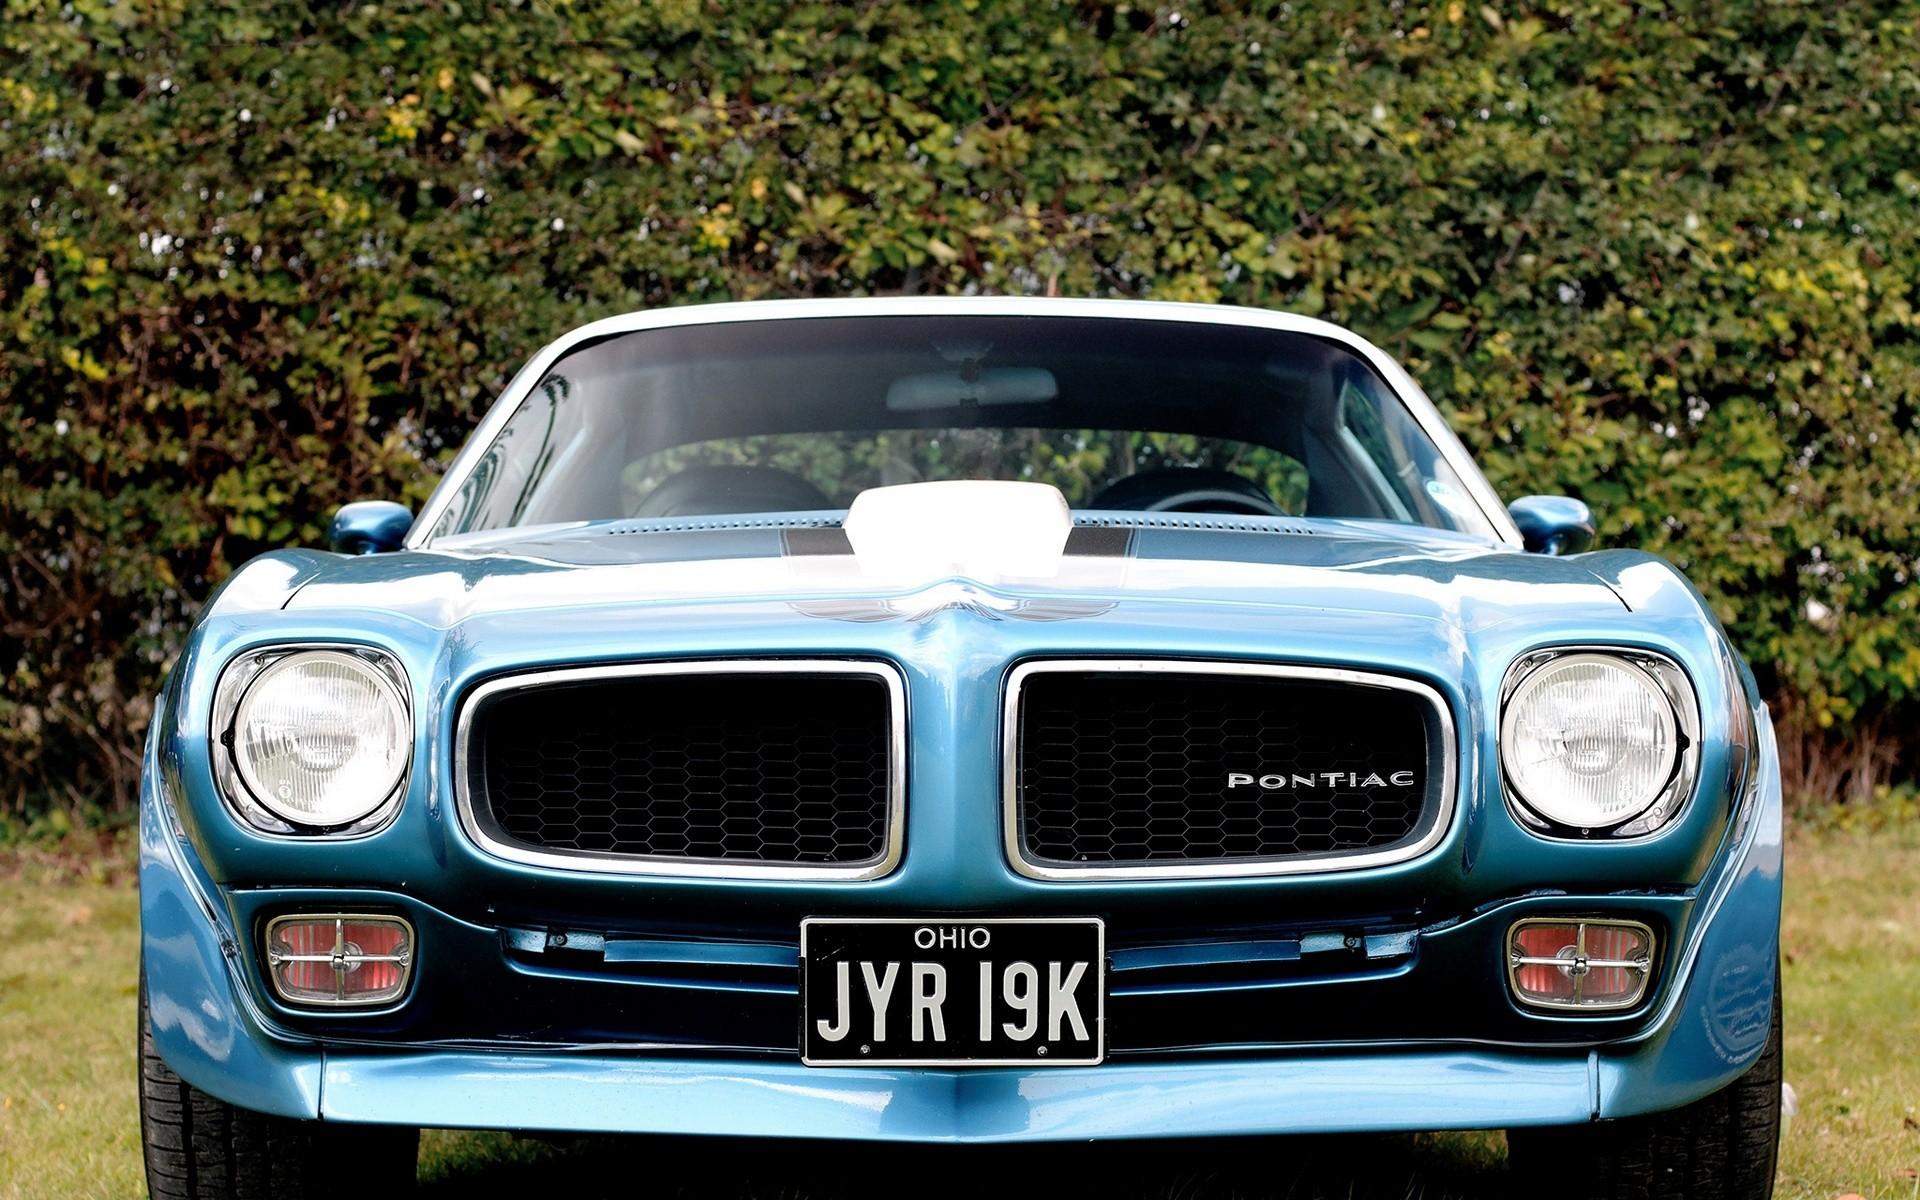 3 Pontiac Firebird Trans Am HD Wallpapers | Backgrounds – Wallpaper Abyss